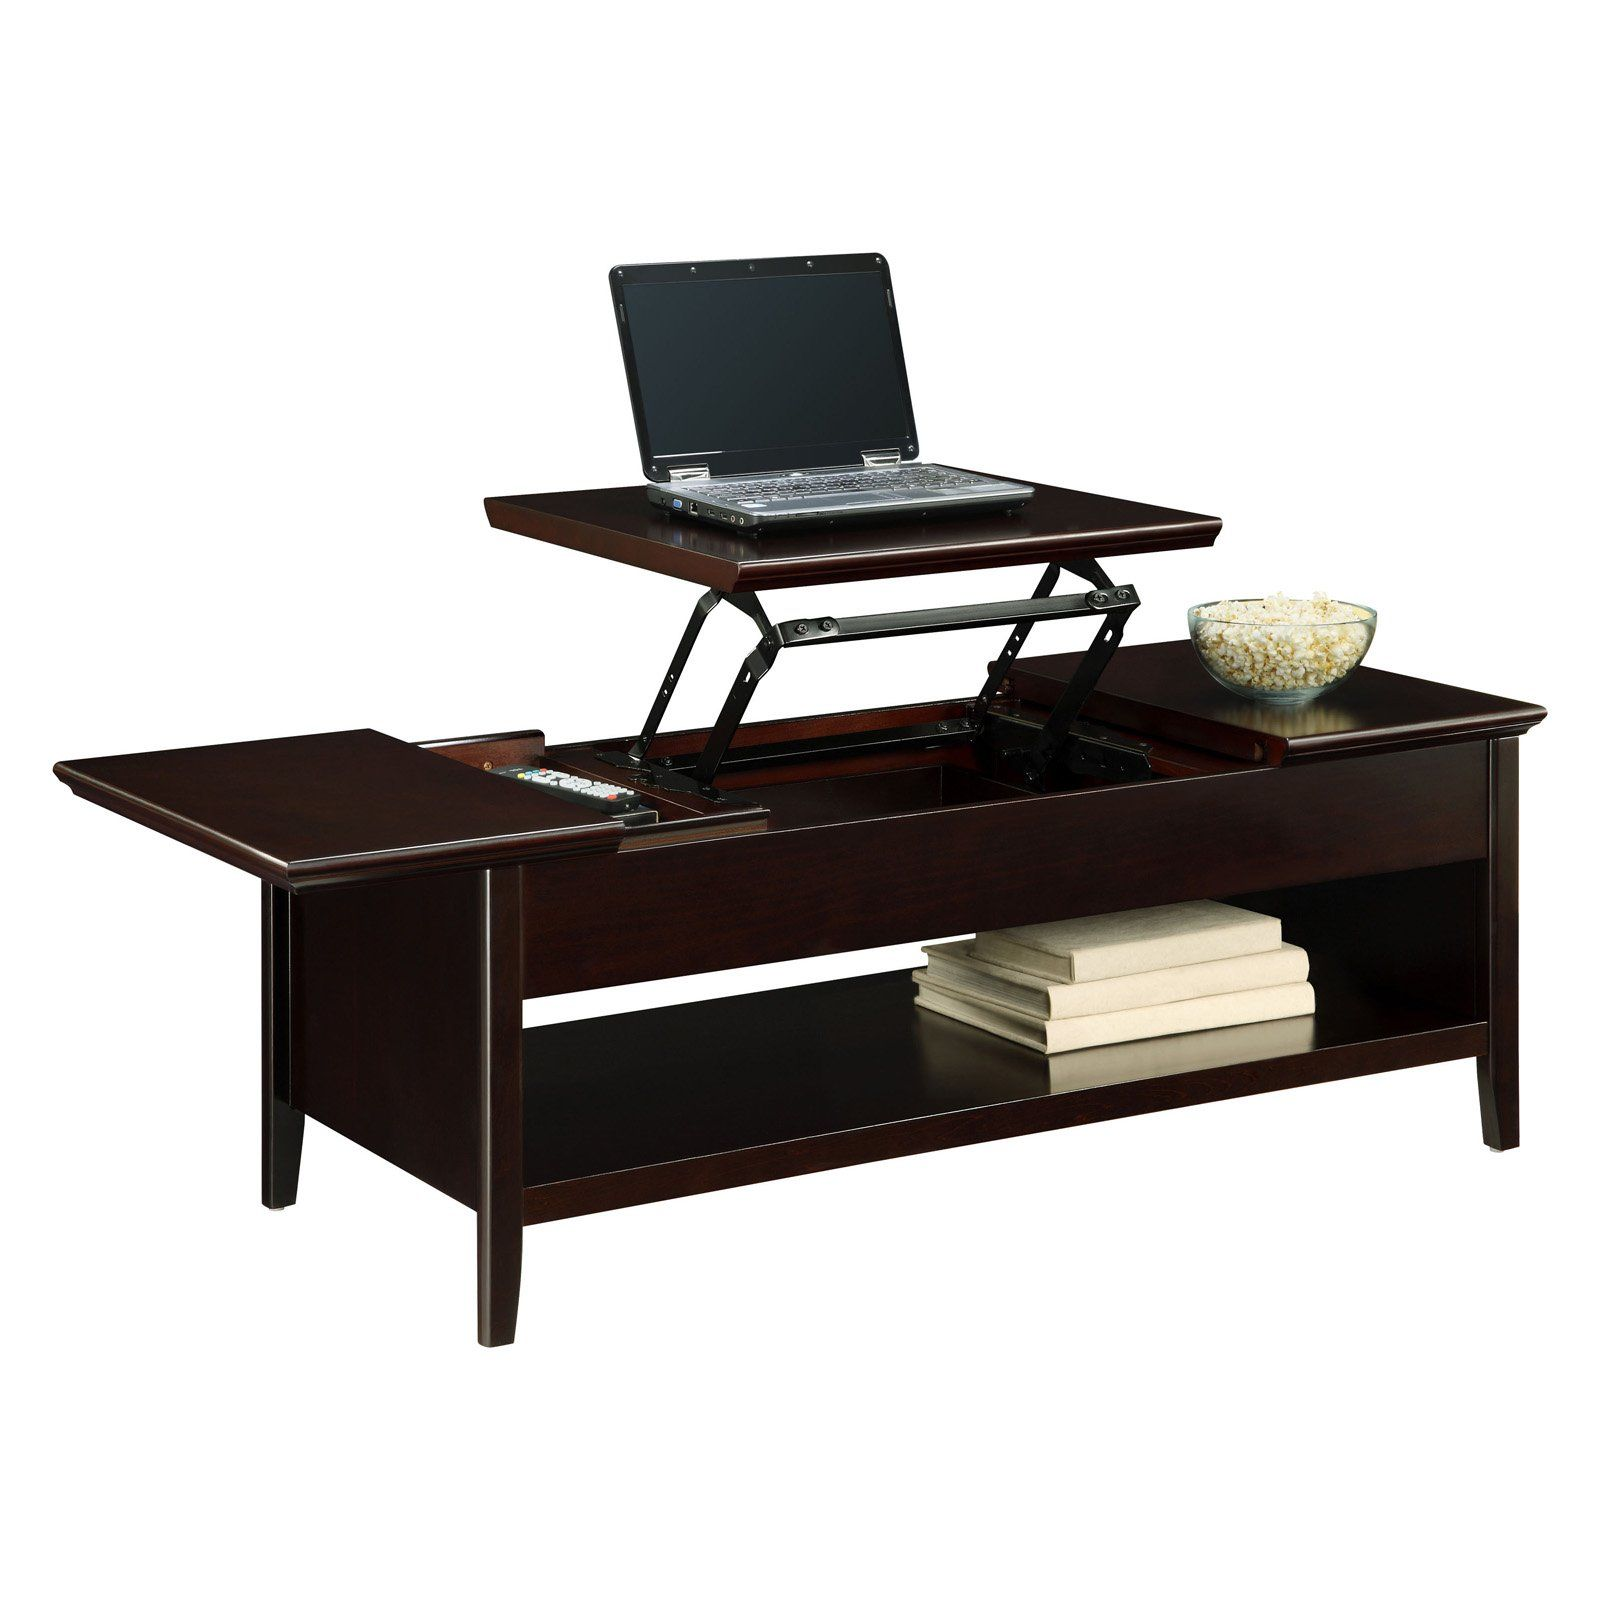 Altra Lift Top Coffee Table Espresso 266 99